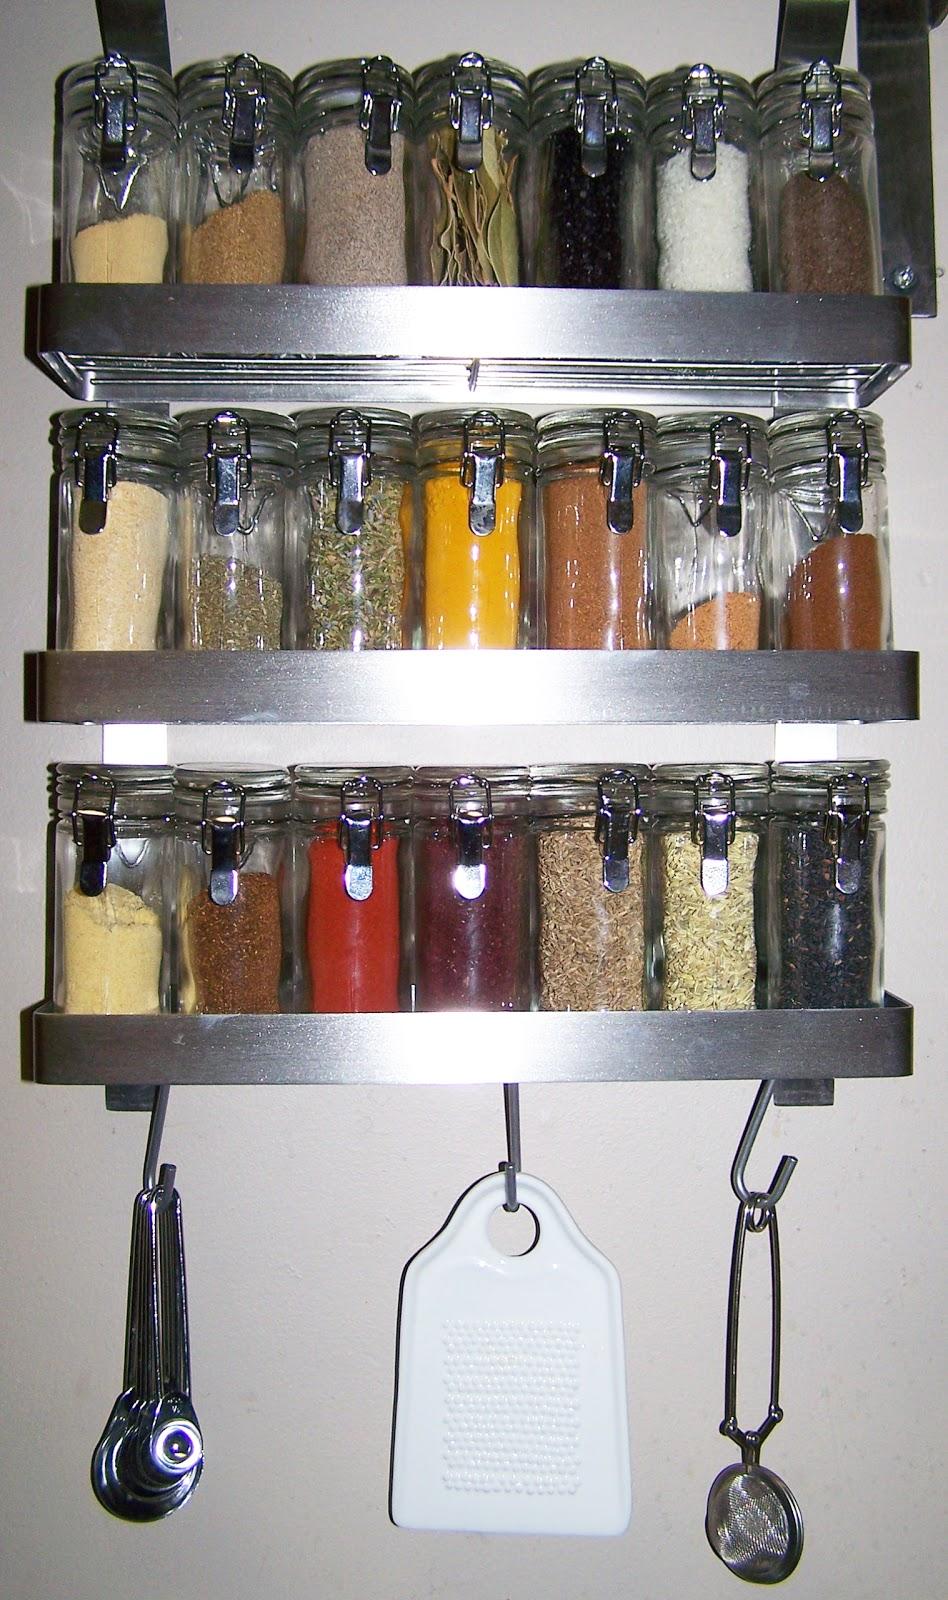 kitsch & kitchen: nice (spice) rack